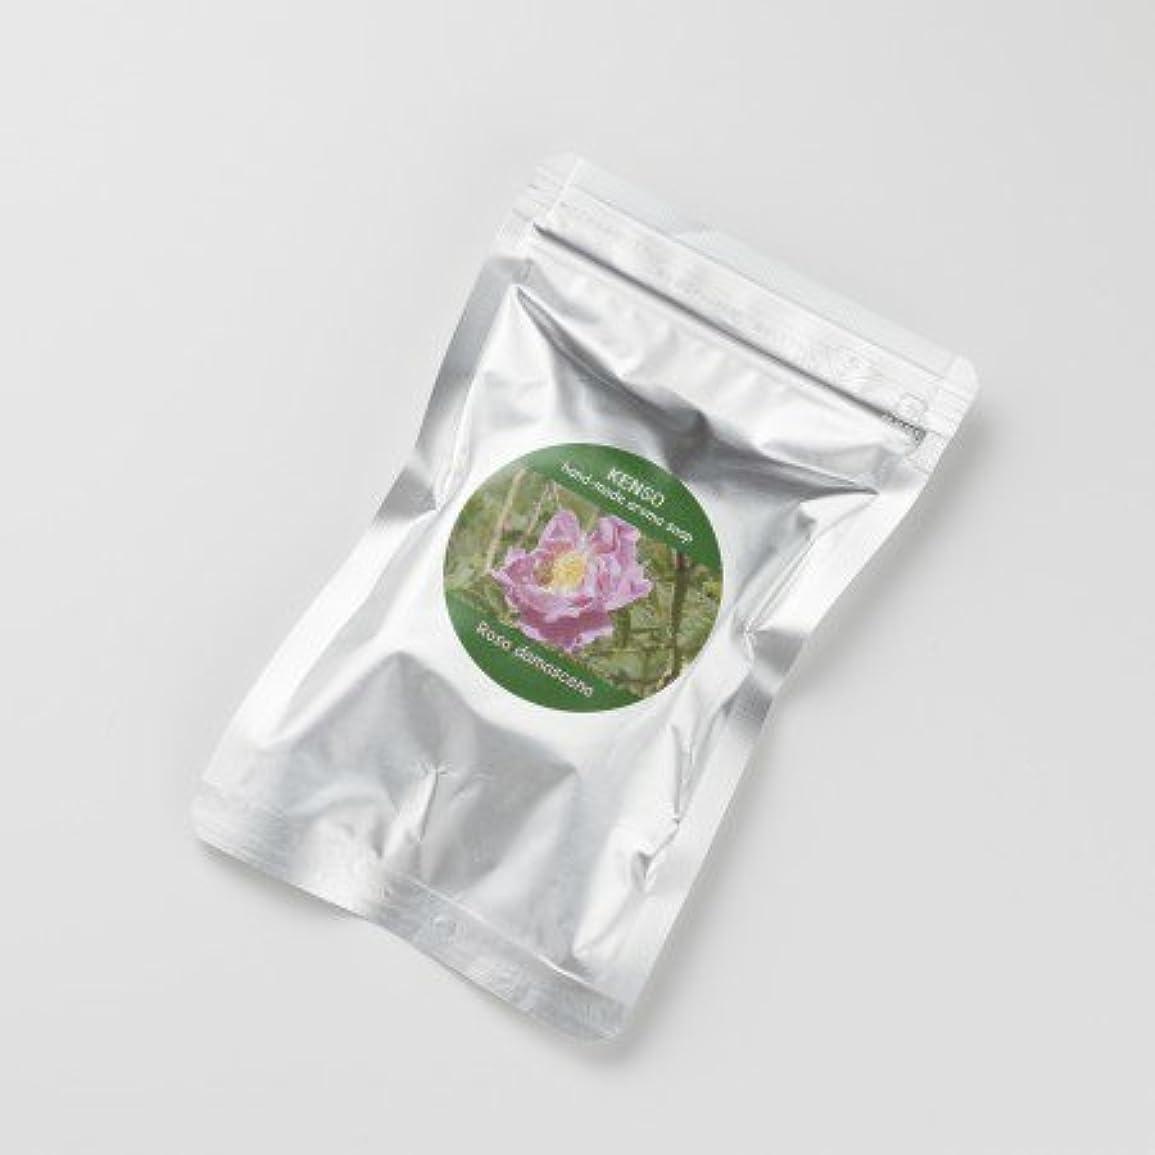 タンパク質絶対の愛国的なケンソー ローズ ソープ 50g (KENSO アロマグリセリンソープ)